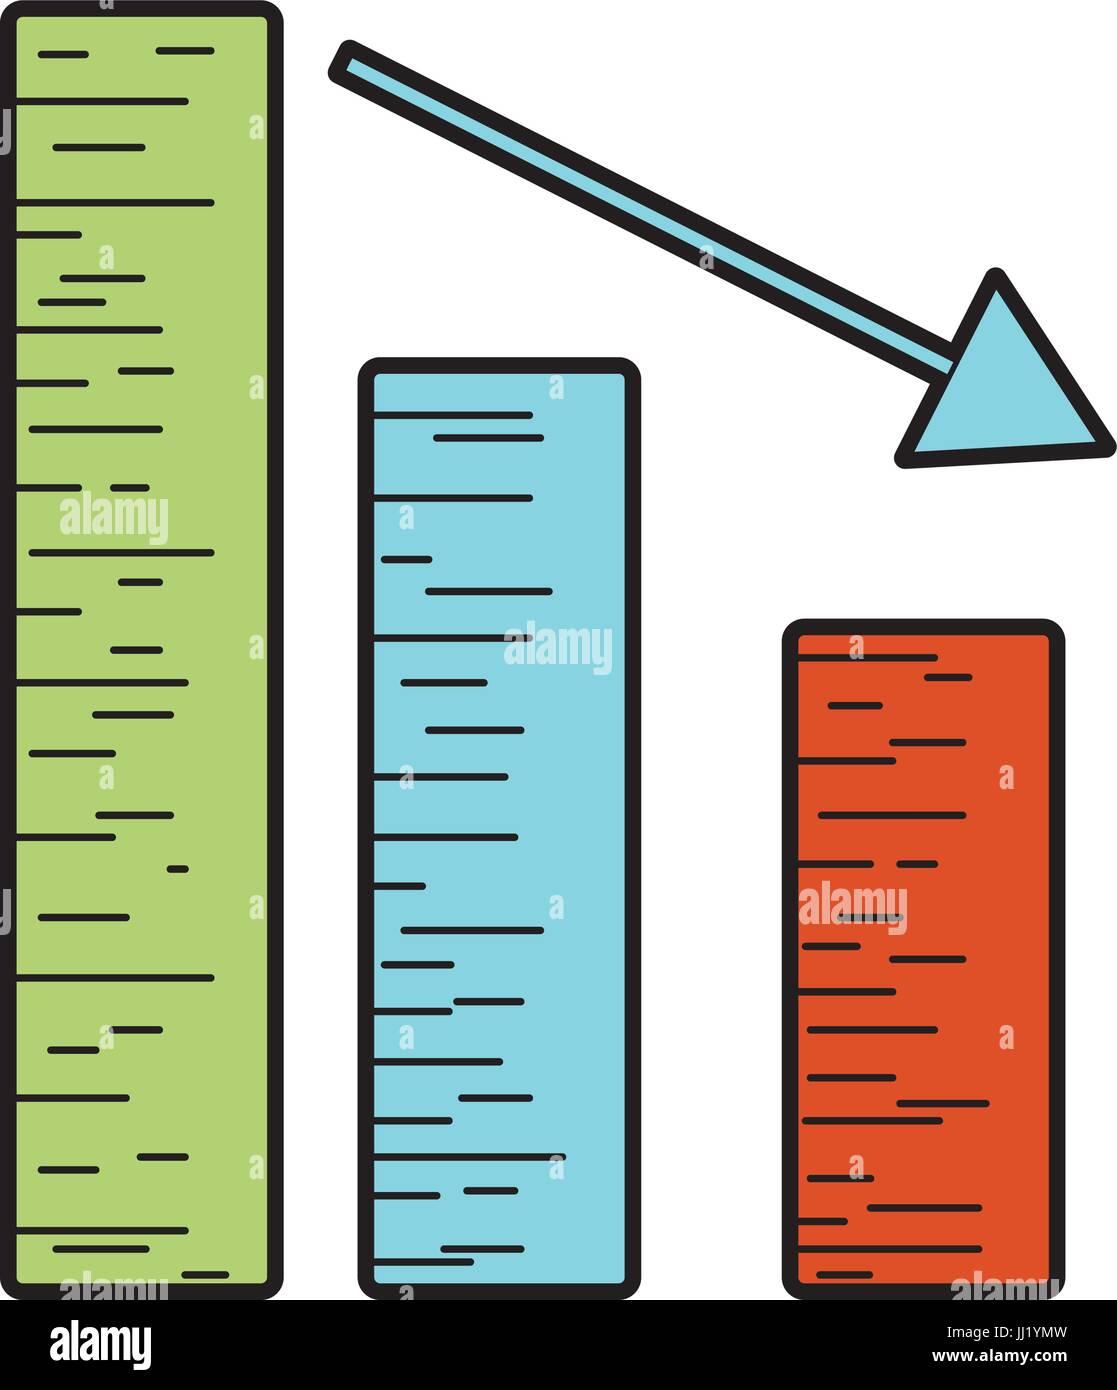 Barra statistica con la freccia verso il basso per azienda Immagini Stock